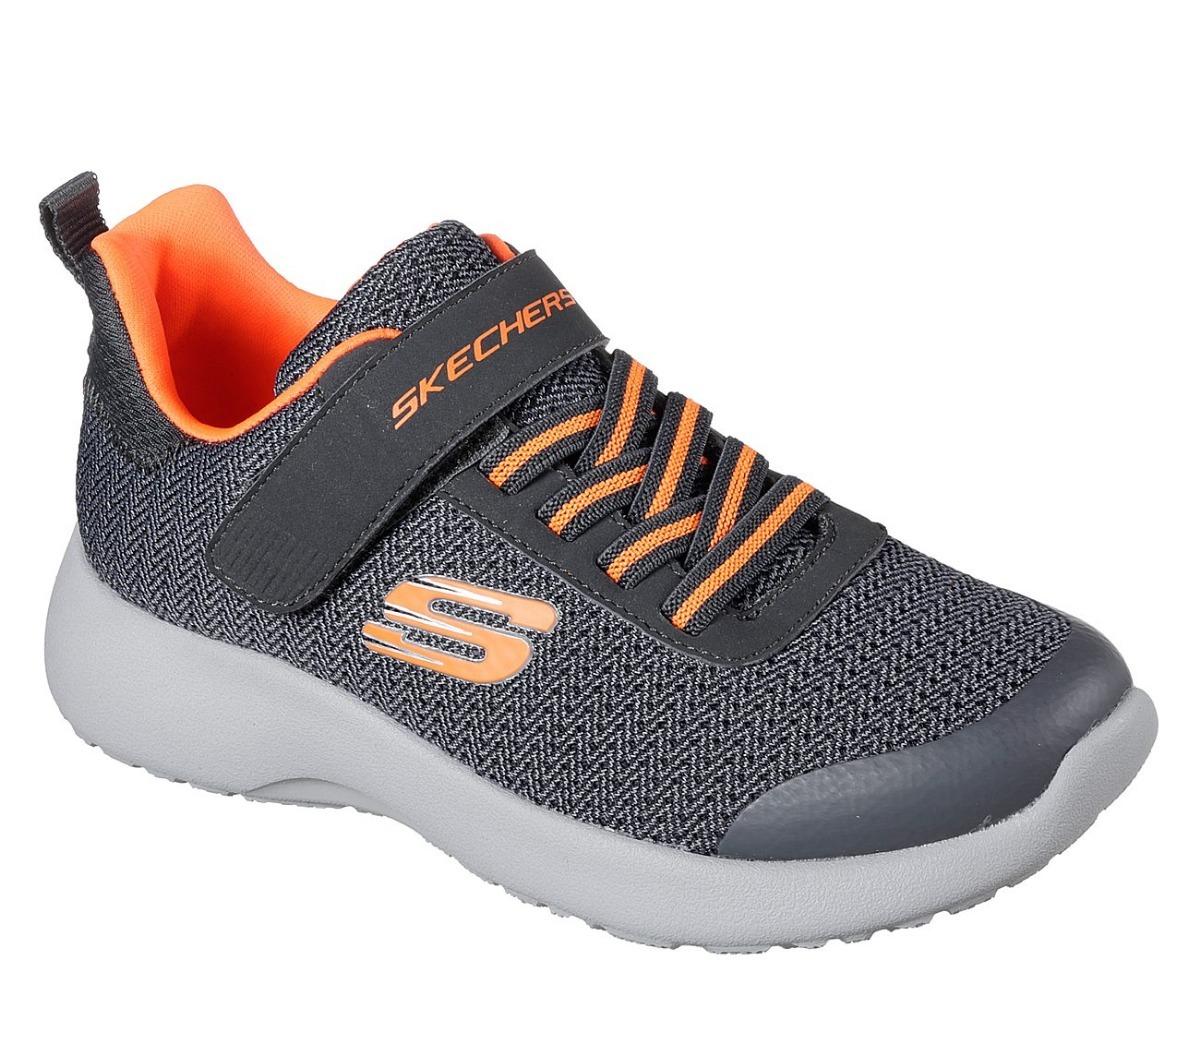 af219aa487f7c zapatillas skechers niño dynamight ultra torque deportivas. Cargando zoom.